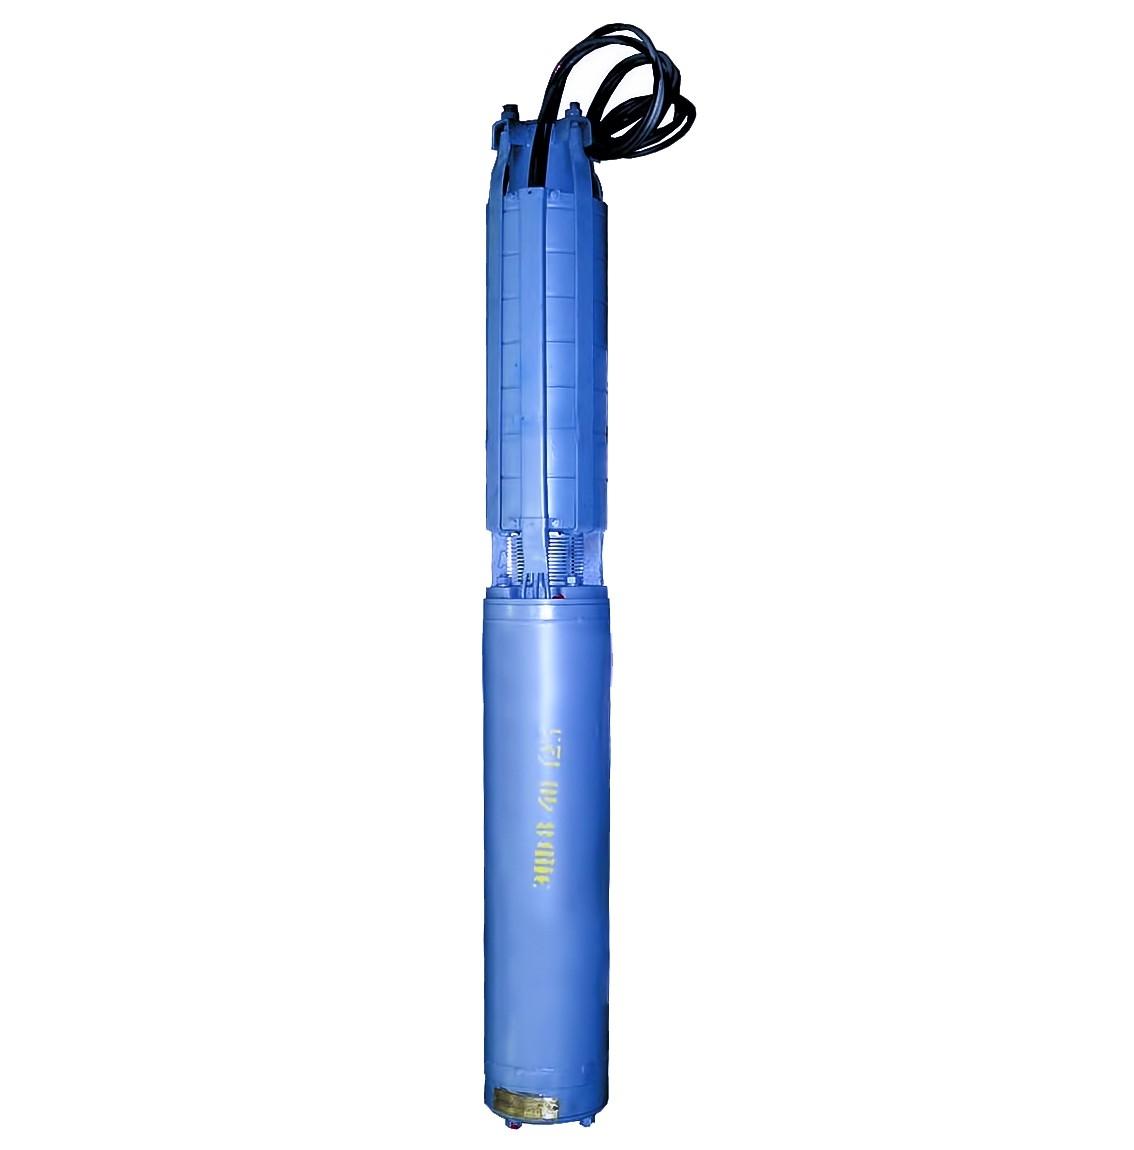 Погружной насос ЭЦВ 5-4-180 армлен